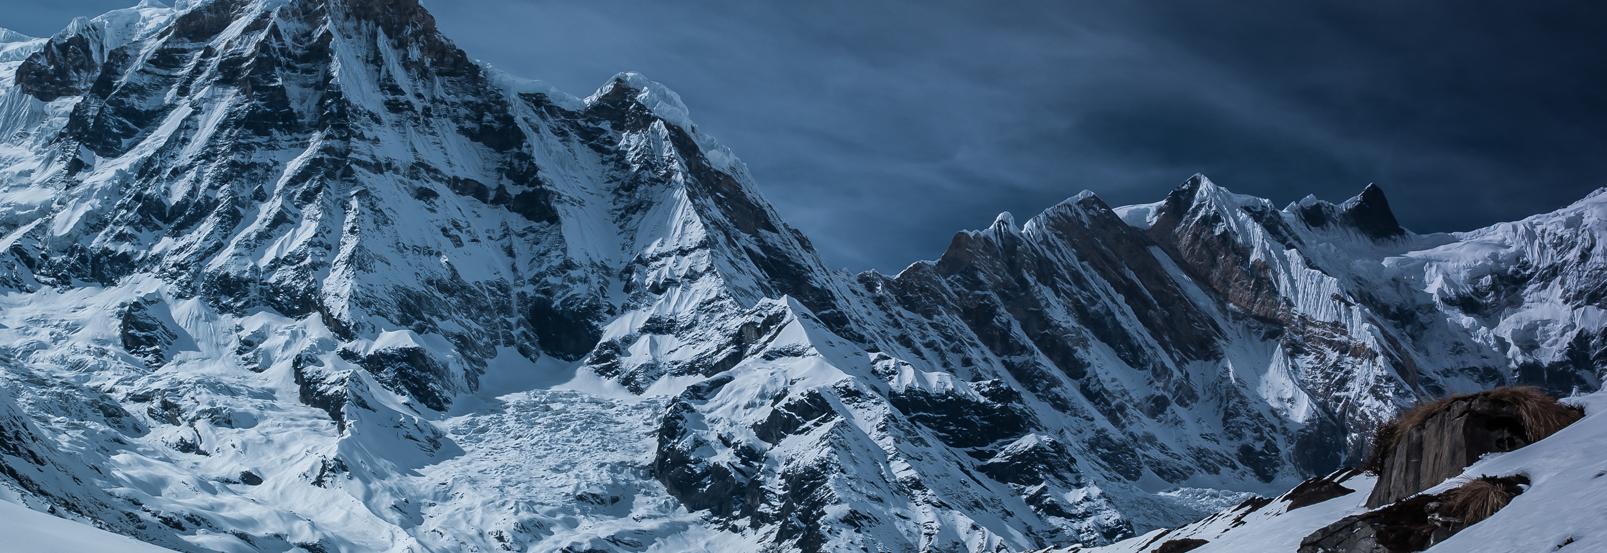 Góry zimą – zagrożenia